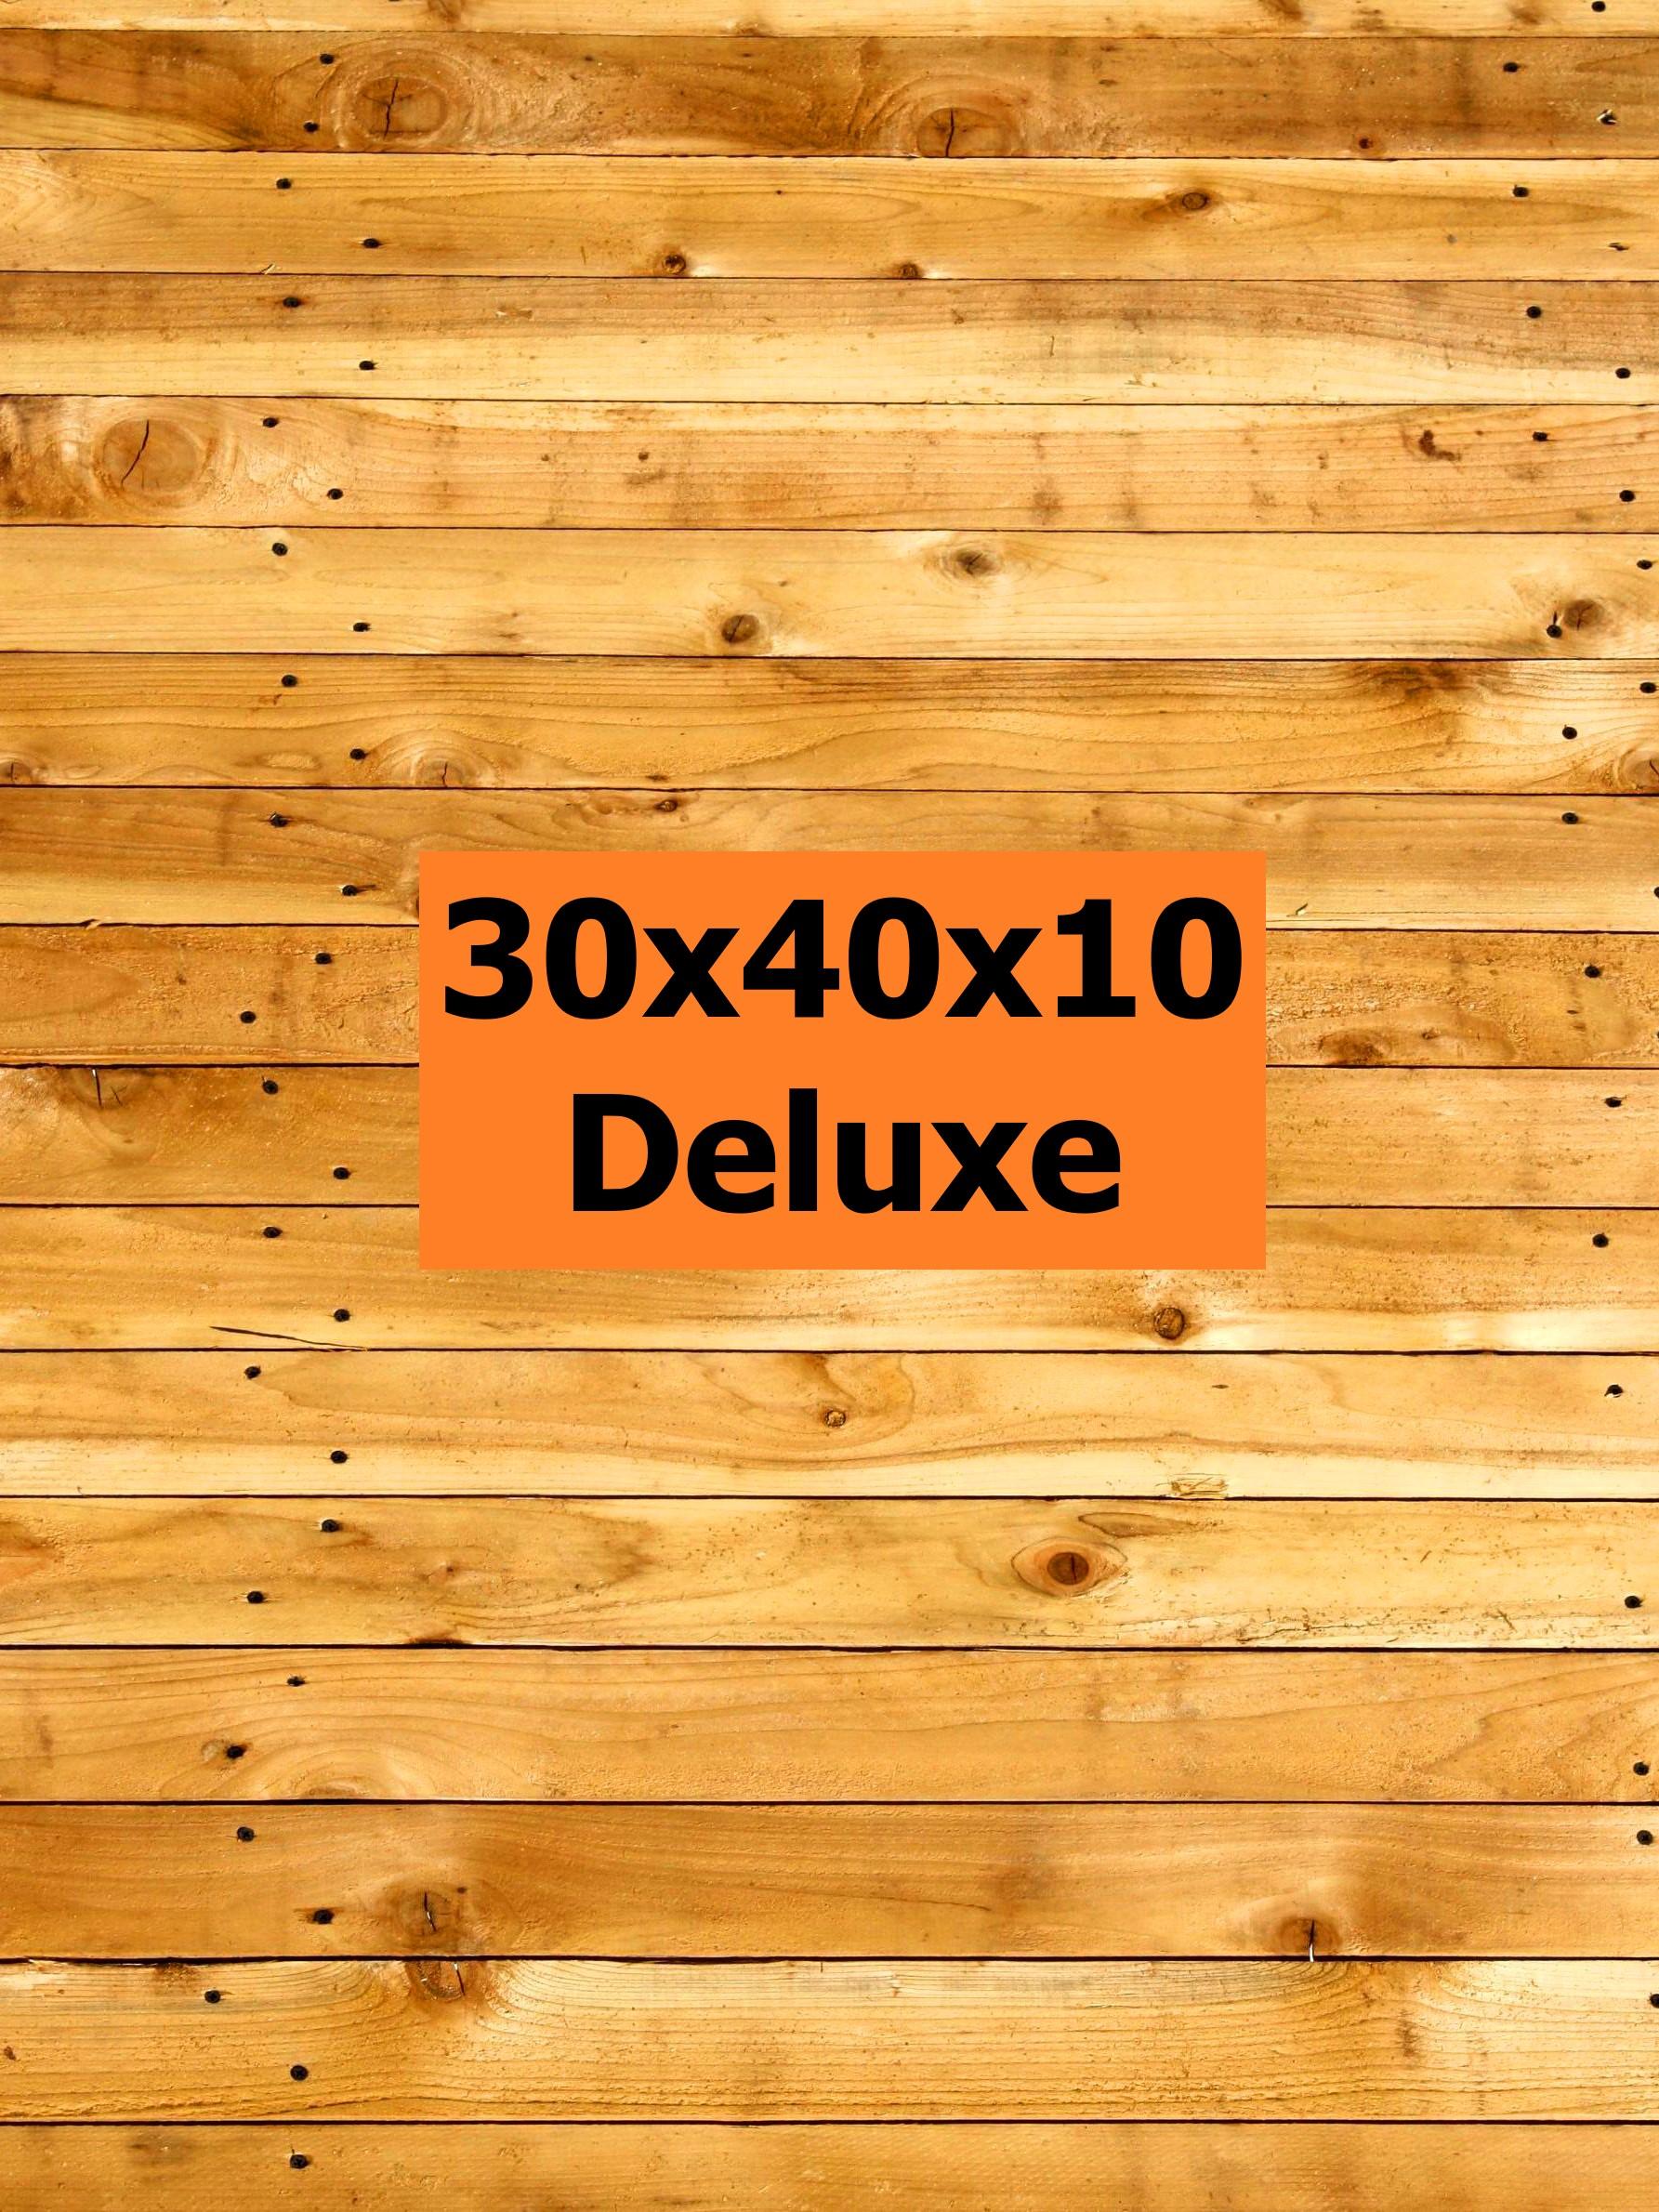 30x40x10Deluxe